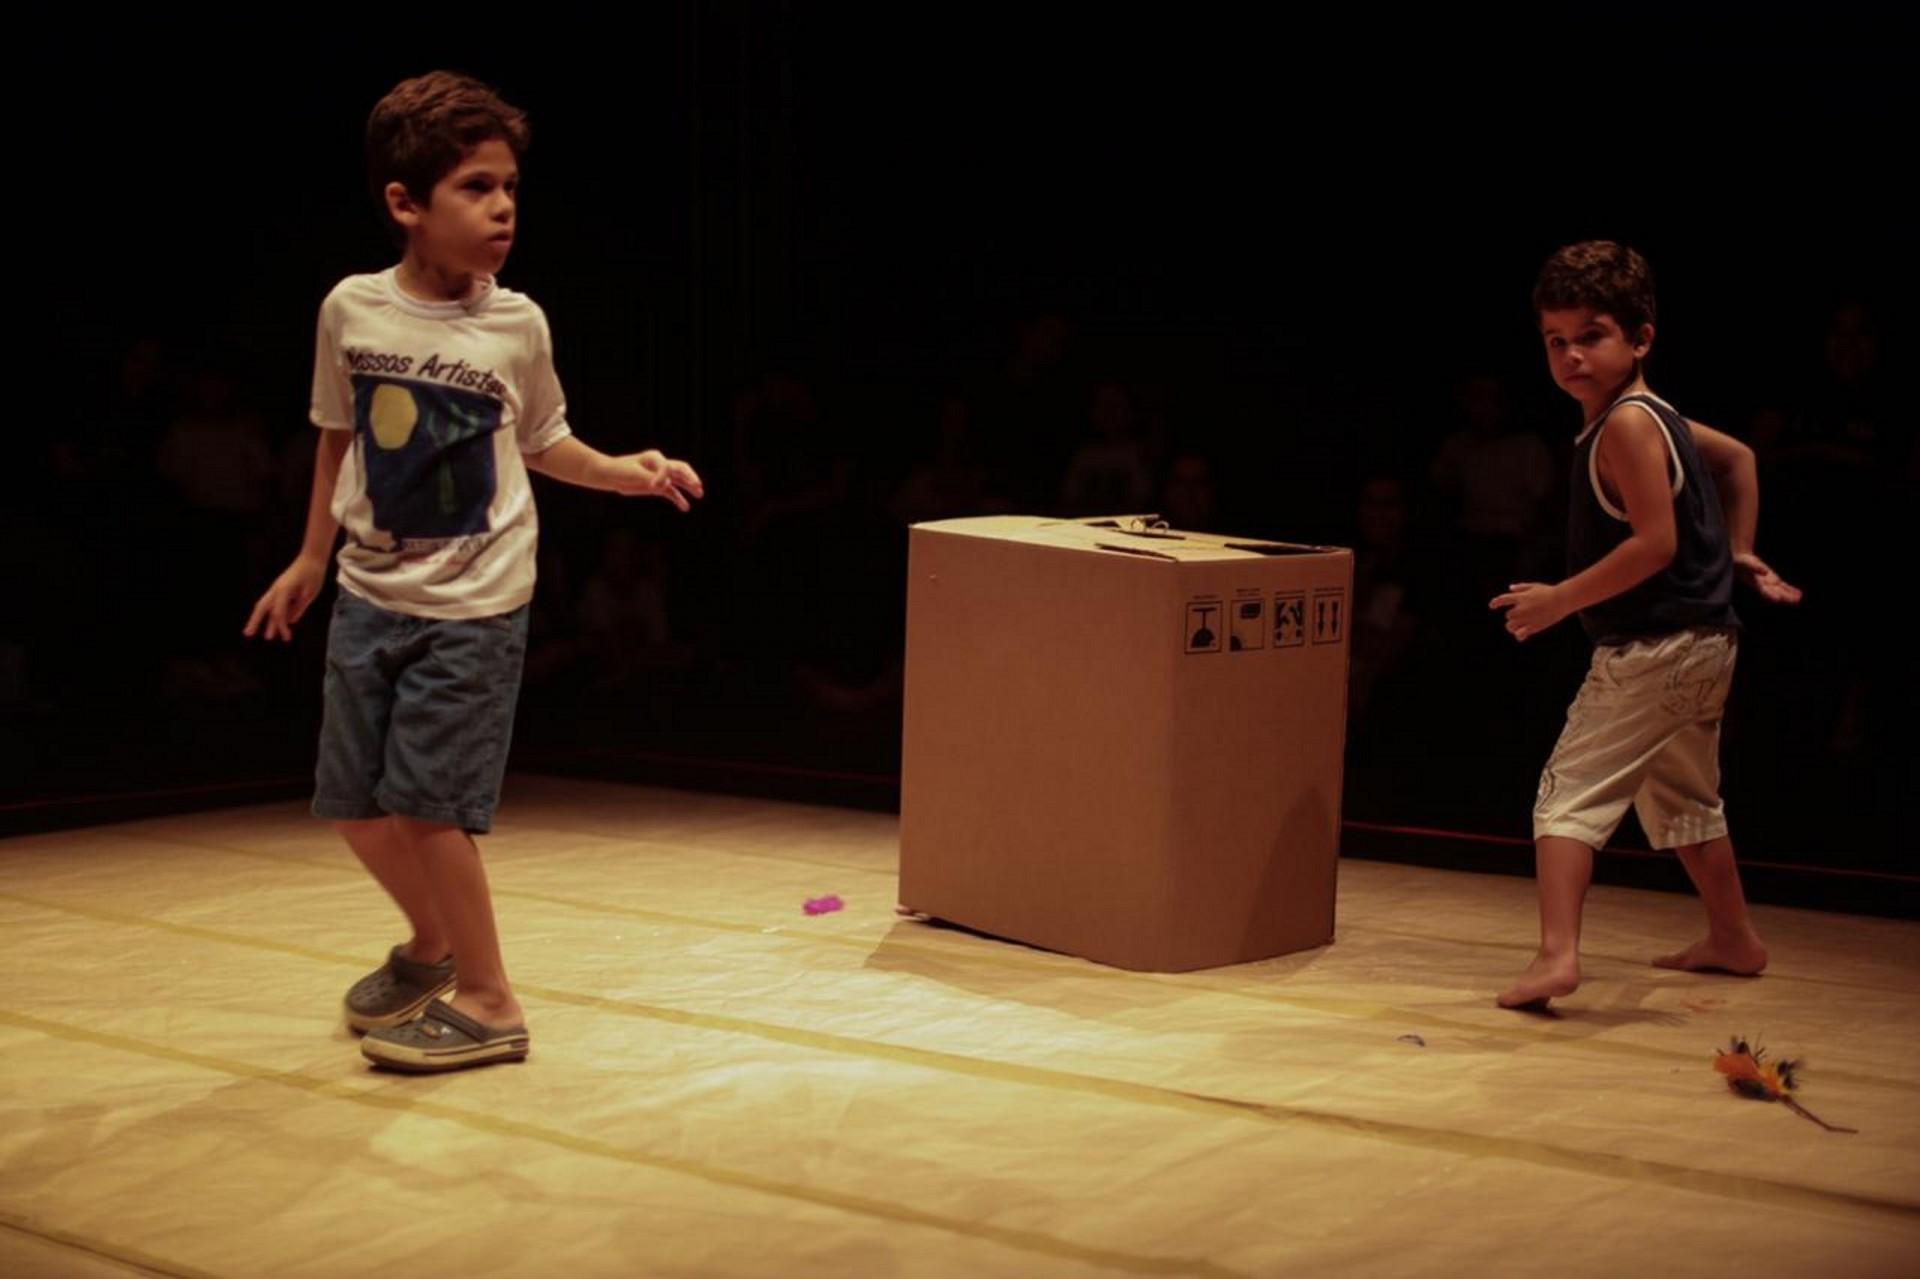 O objetivo do seminário 'O que pode a arte? Afetos, Autismos, Artes' é discutir as possibilidades de transformação na relação entre arte e autismo